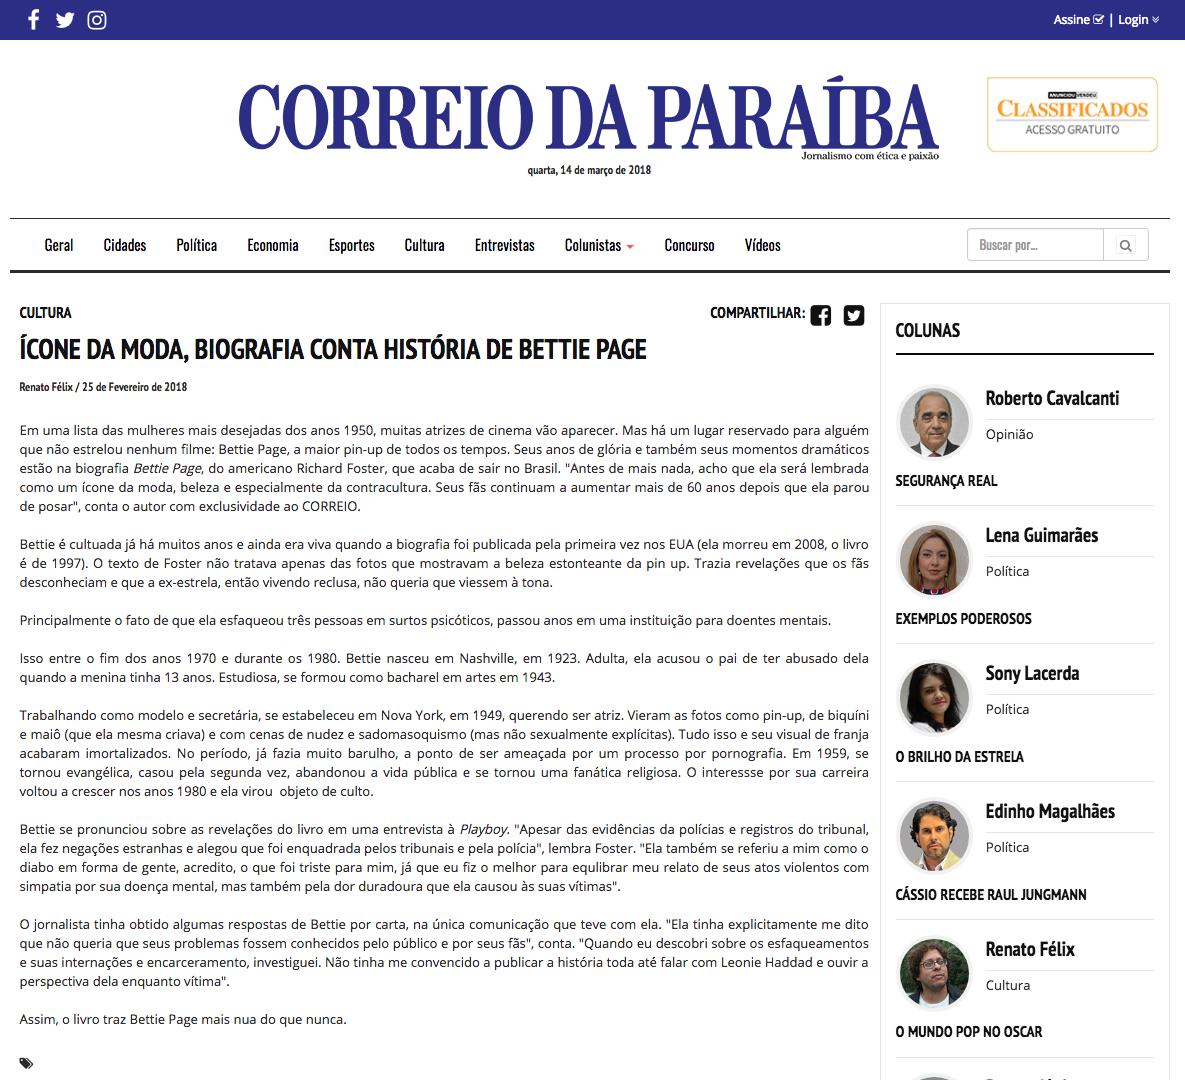 Correio da Paraíba  João Pessoa – 14/2/2018